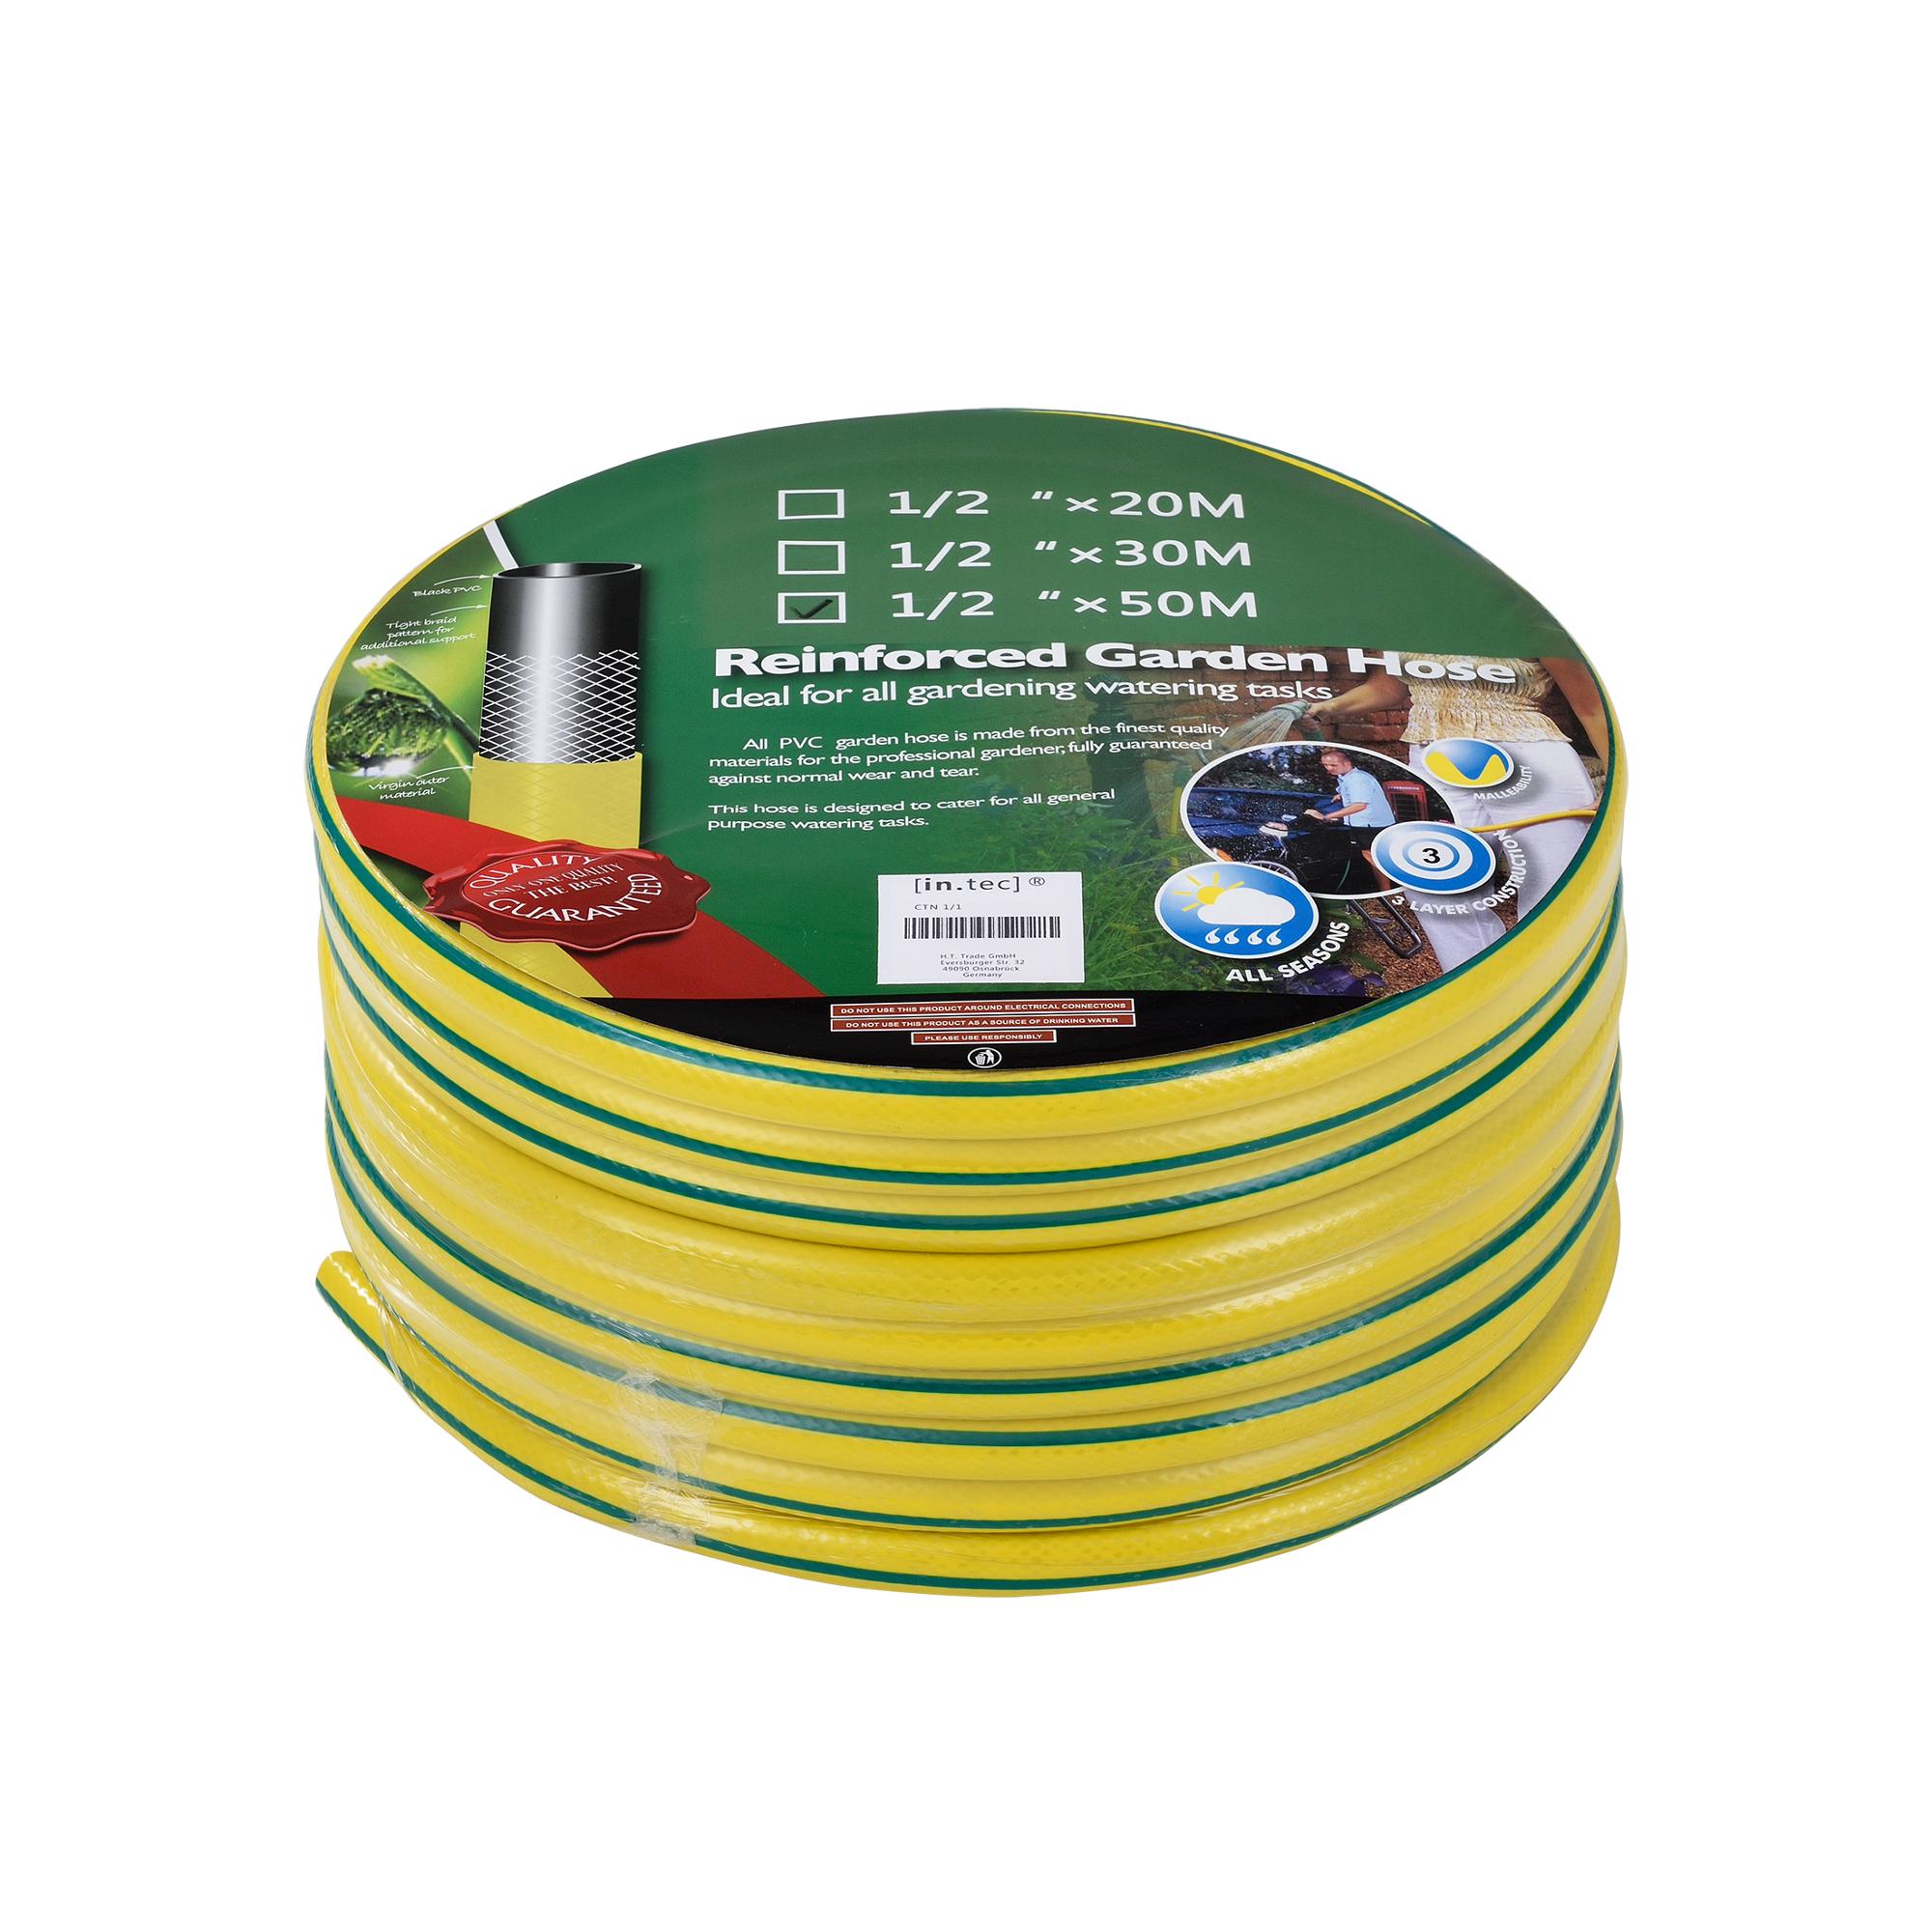 [in.tec]® Zahradní hadice / kropicí hadice,žlutá zelený proužek,50 m,1/2